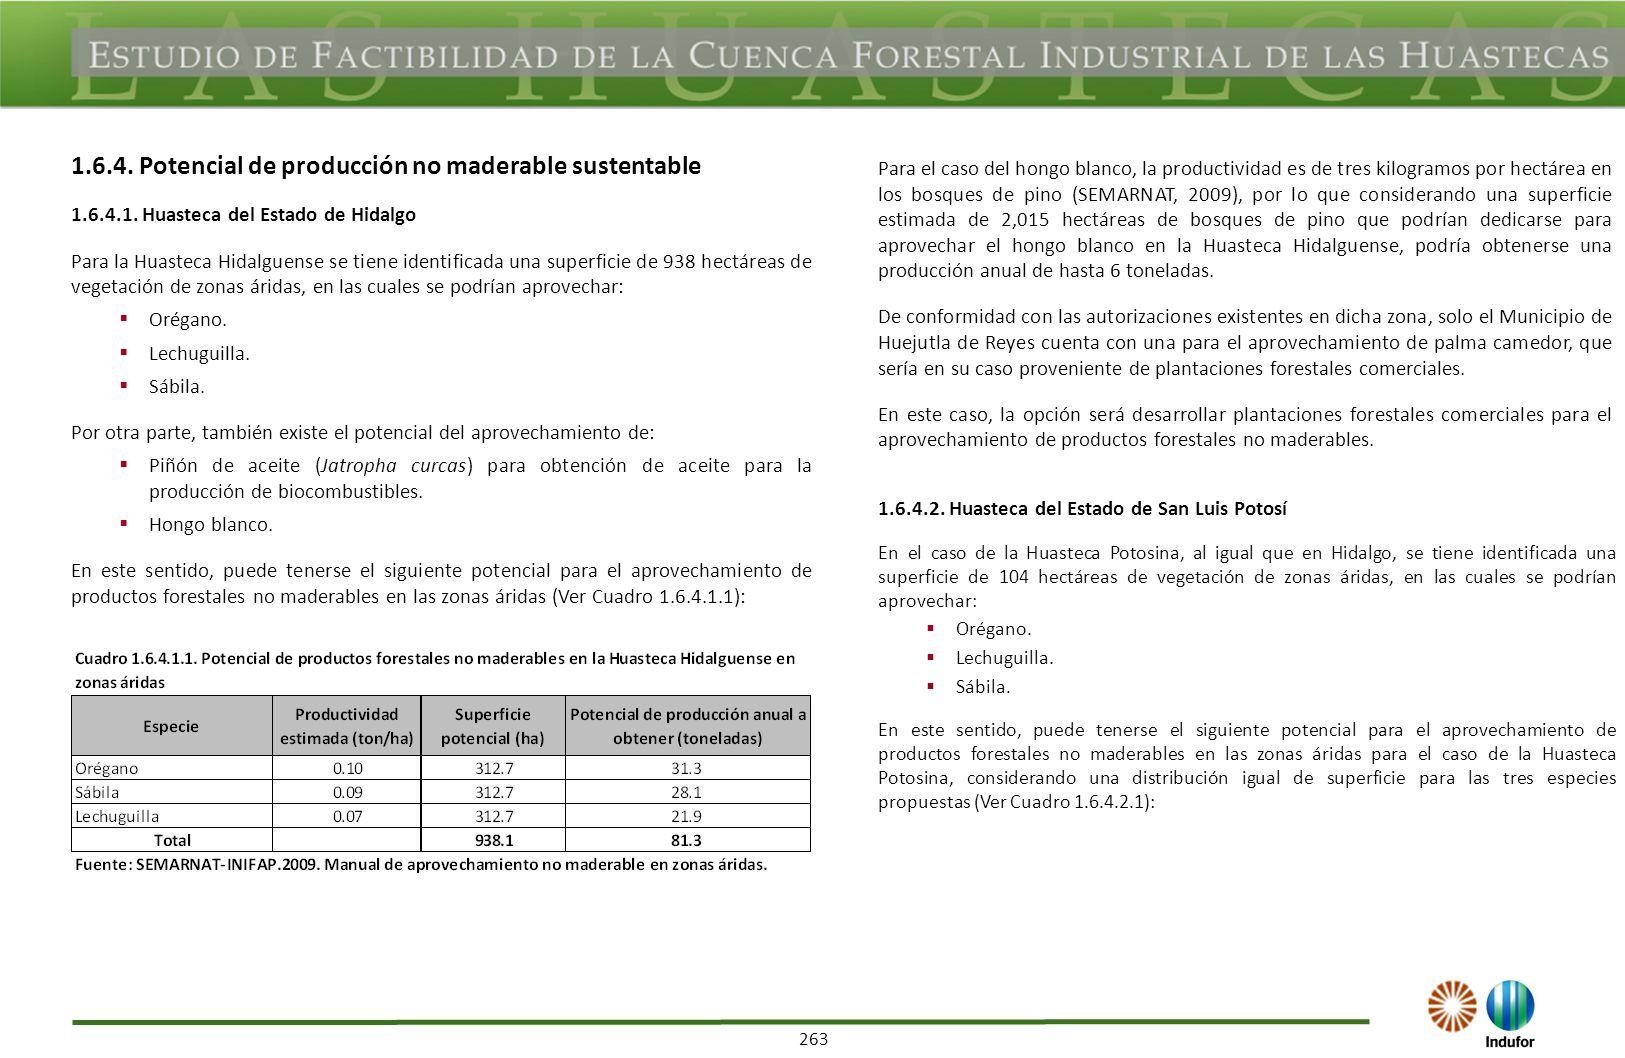 263 1.6.4. Potencial de producción no maderable sustentable 1.6.4.1. Huasteca del Estado de Hidalgo Para la Huasteca Hidalguense se tiene identificada